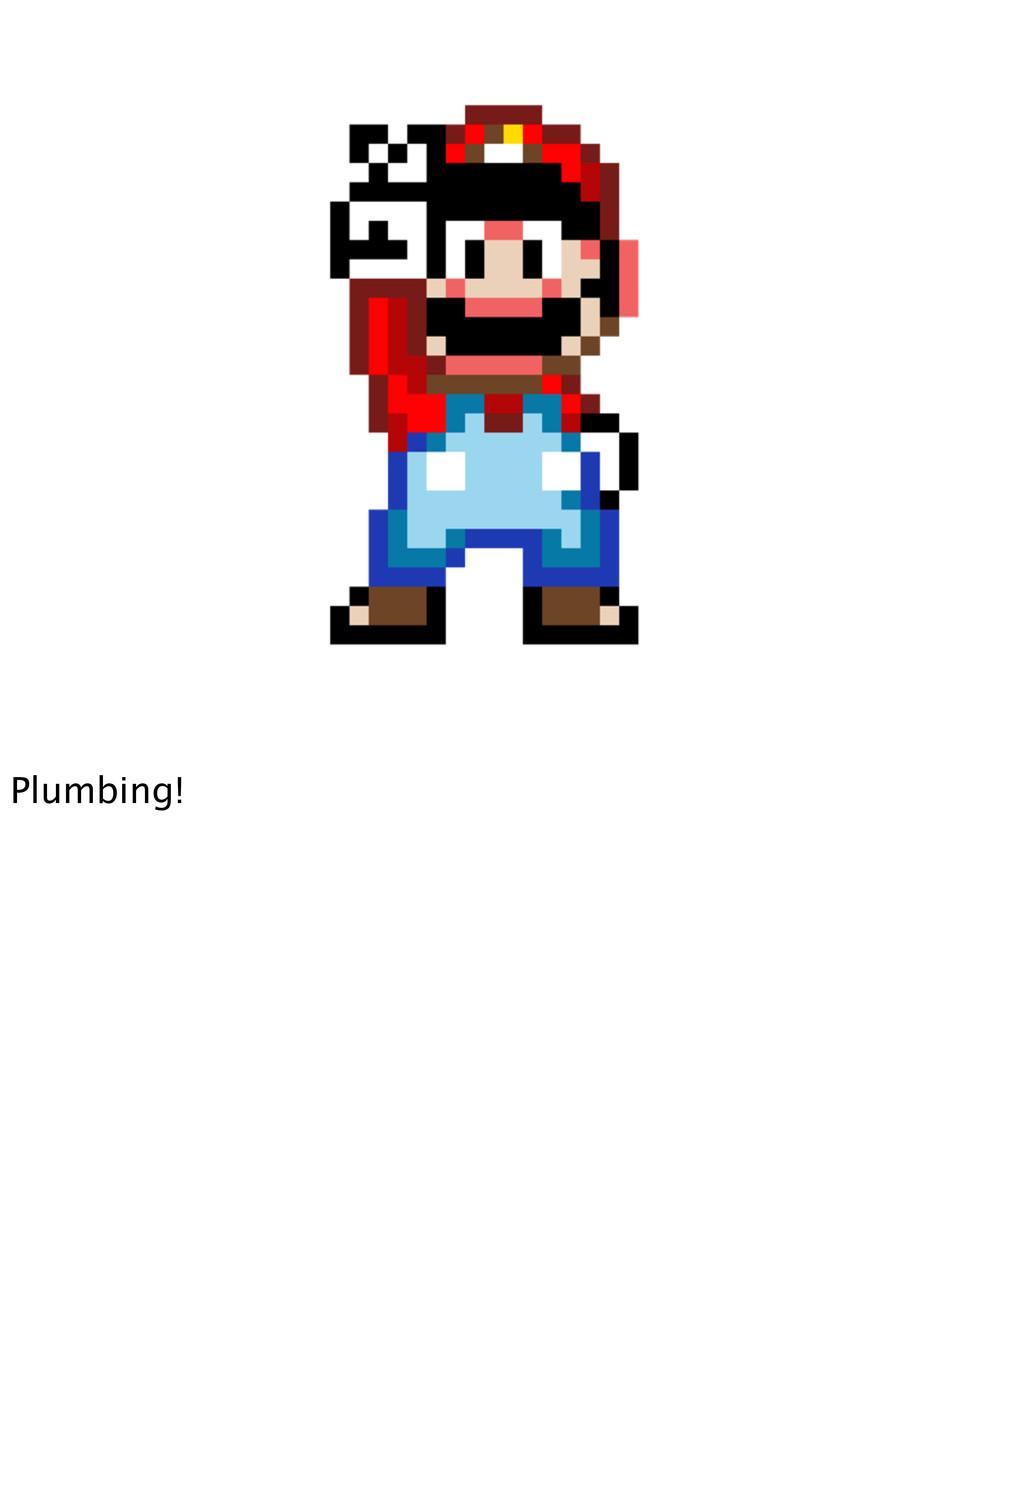 Plumbing!